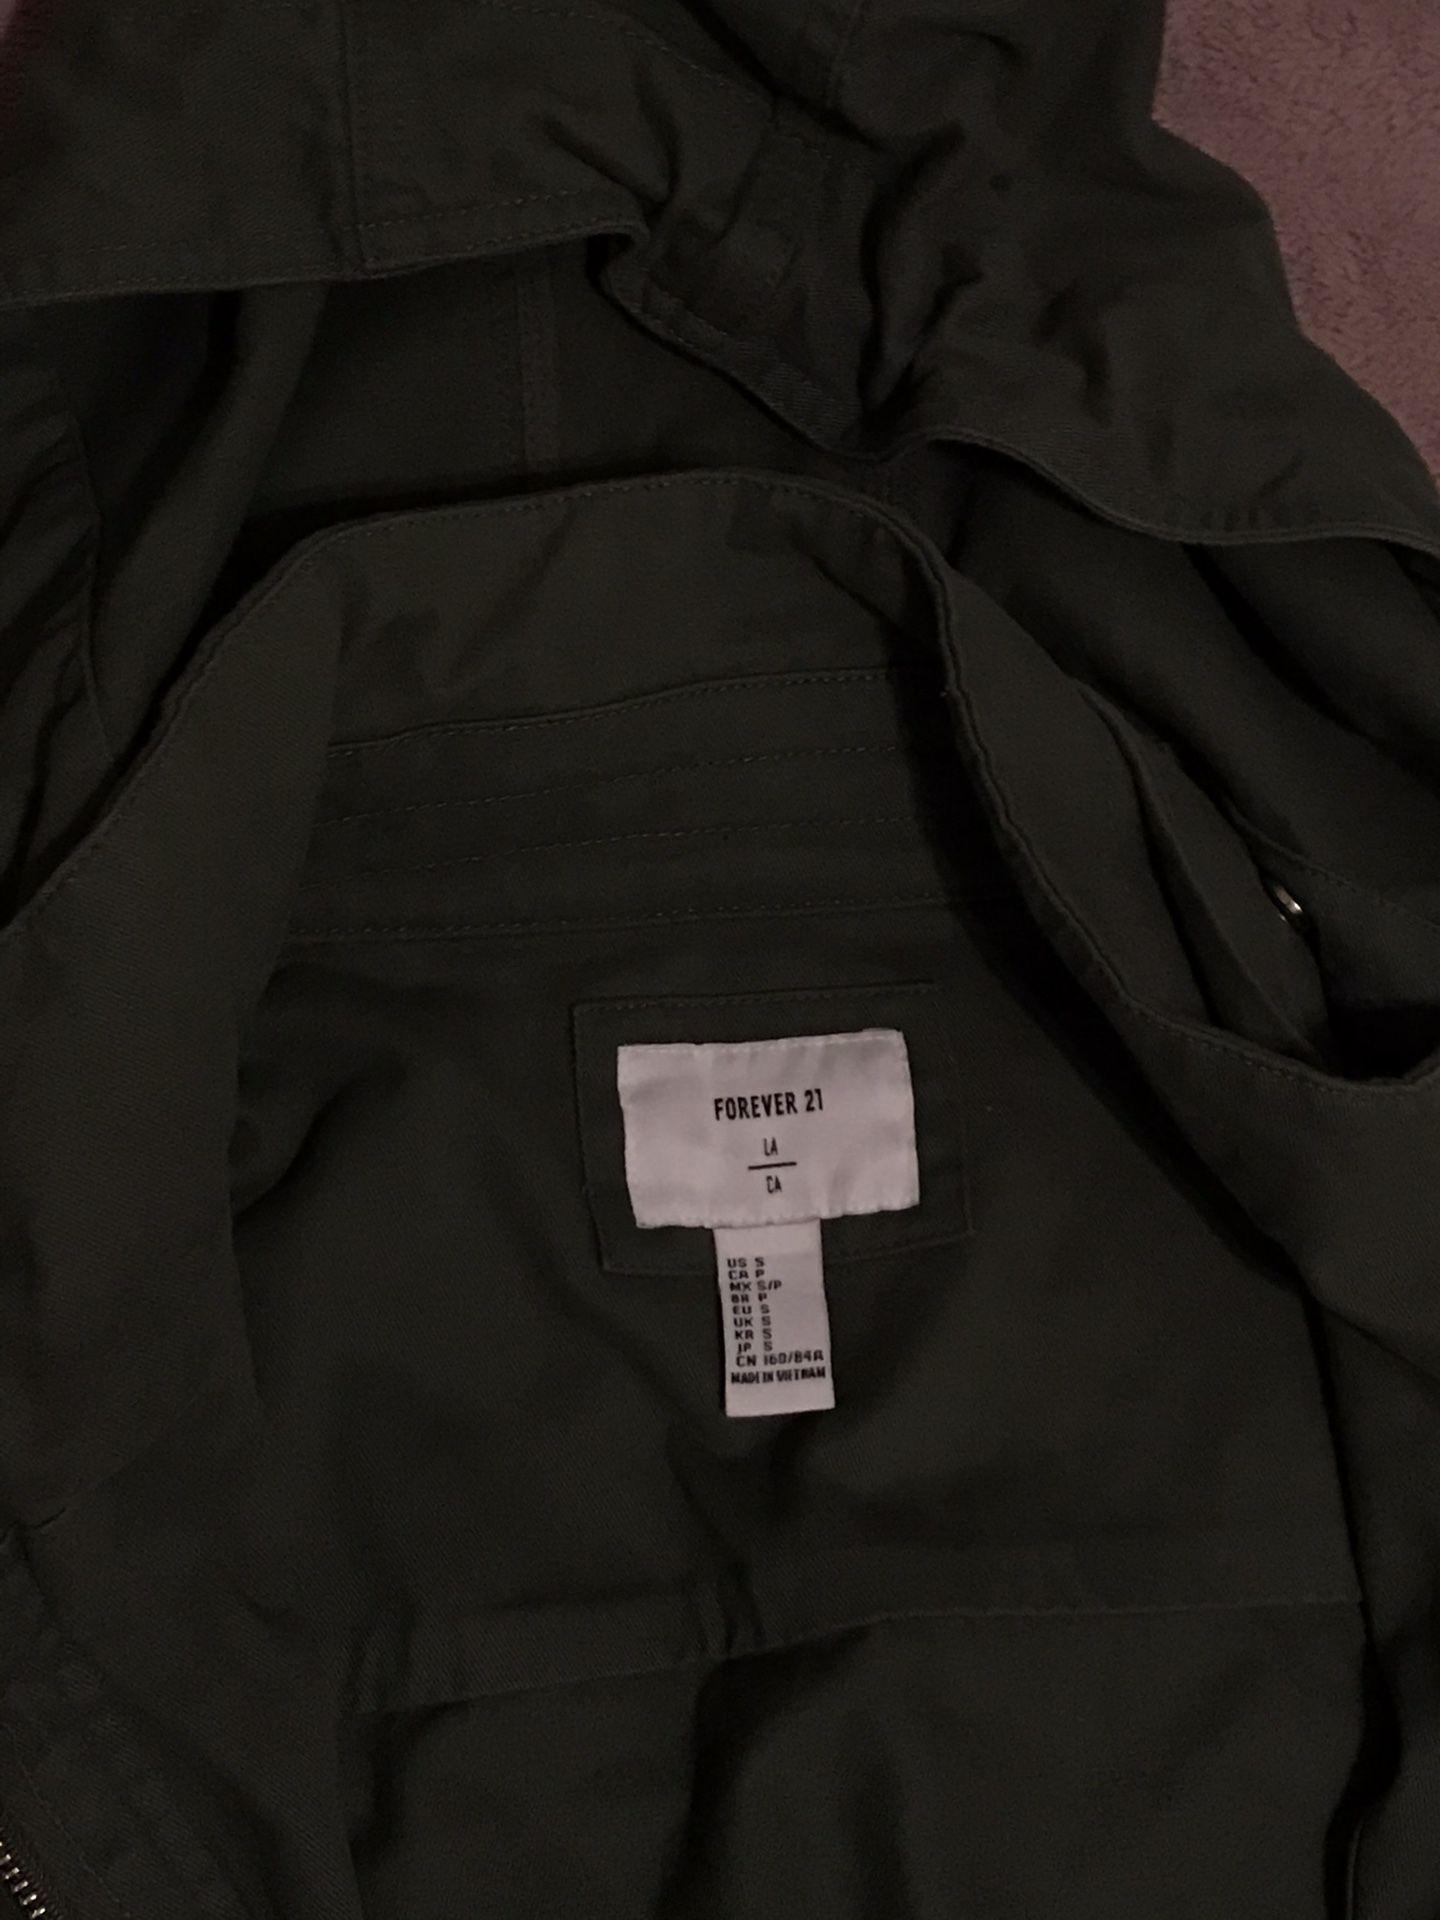 Forever 21 green coat